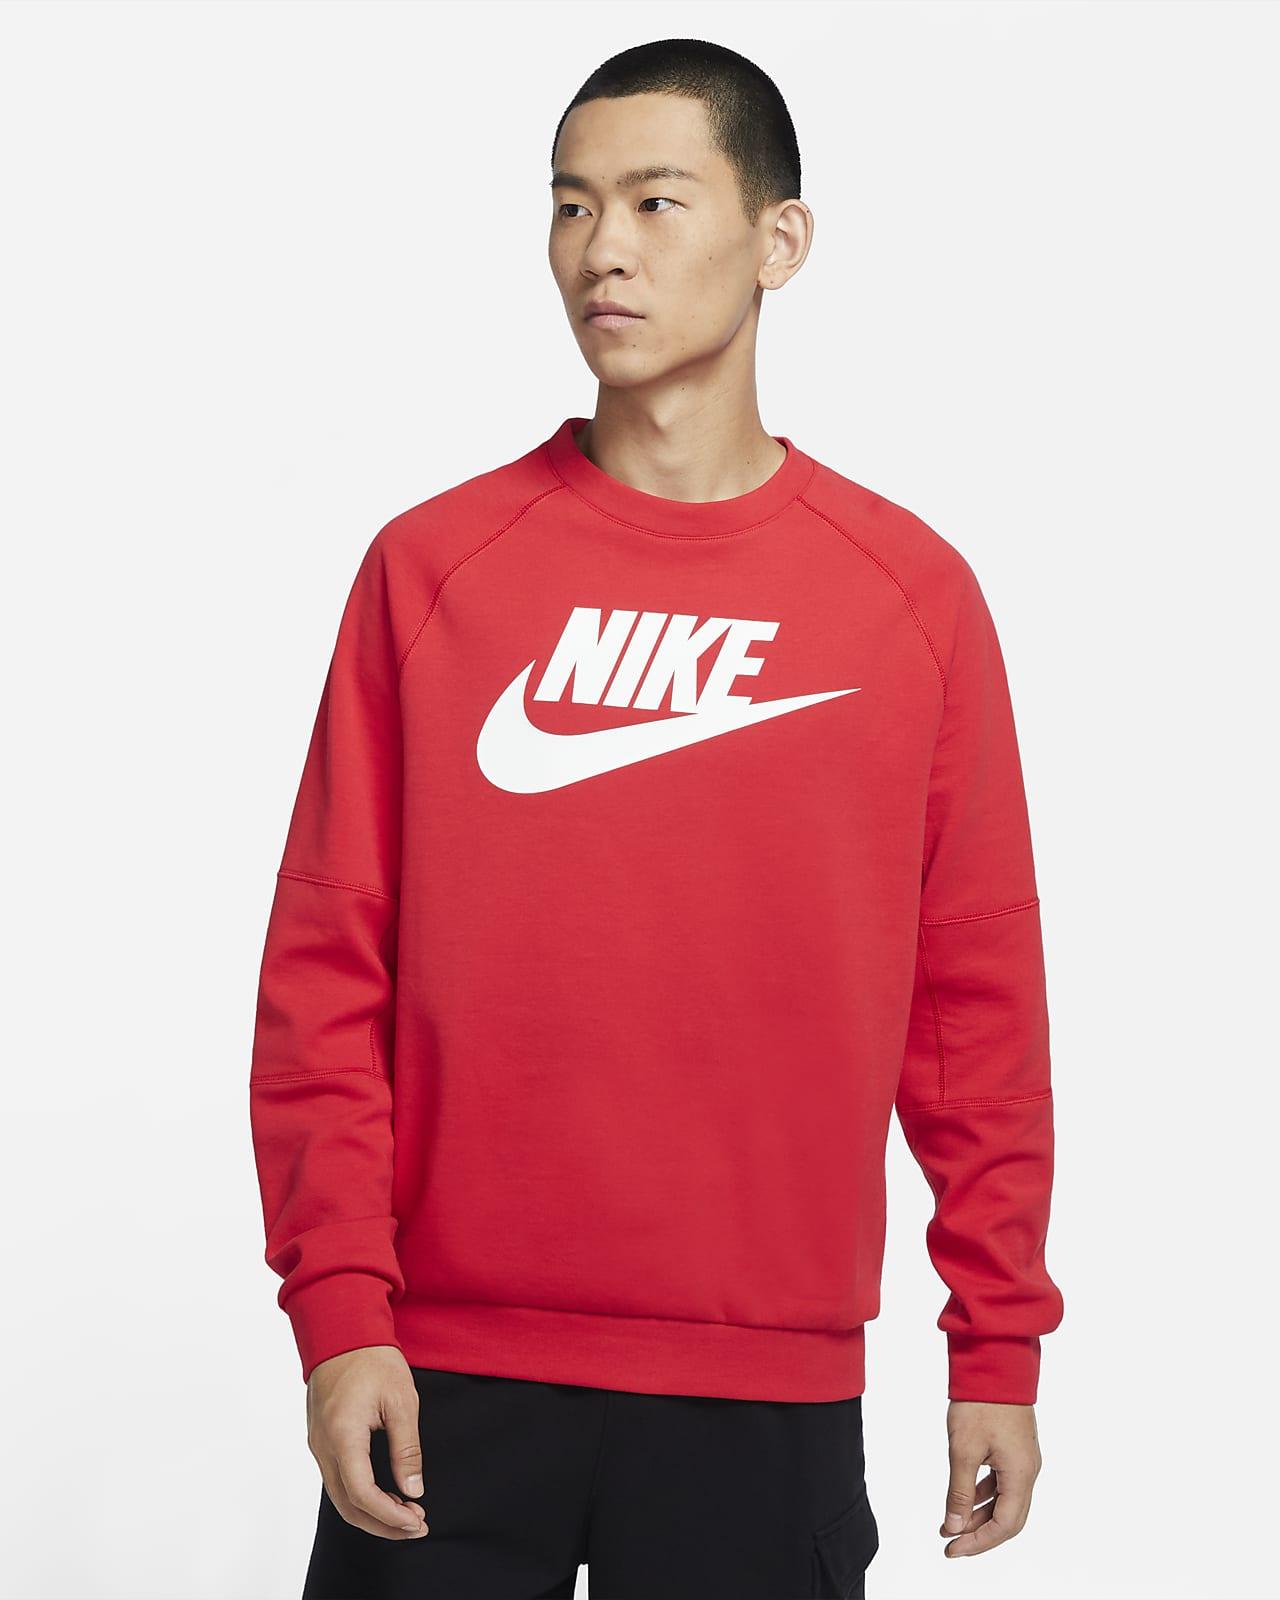 Nike Sportswear 男子针织圆领上衣